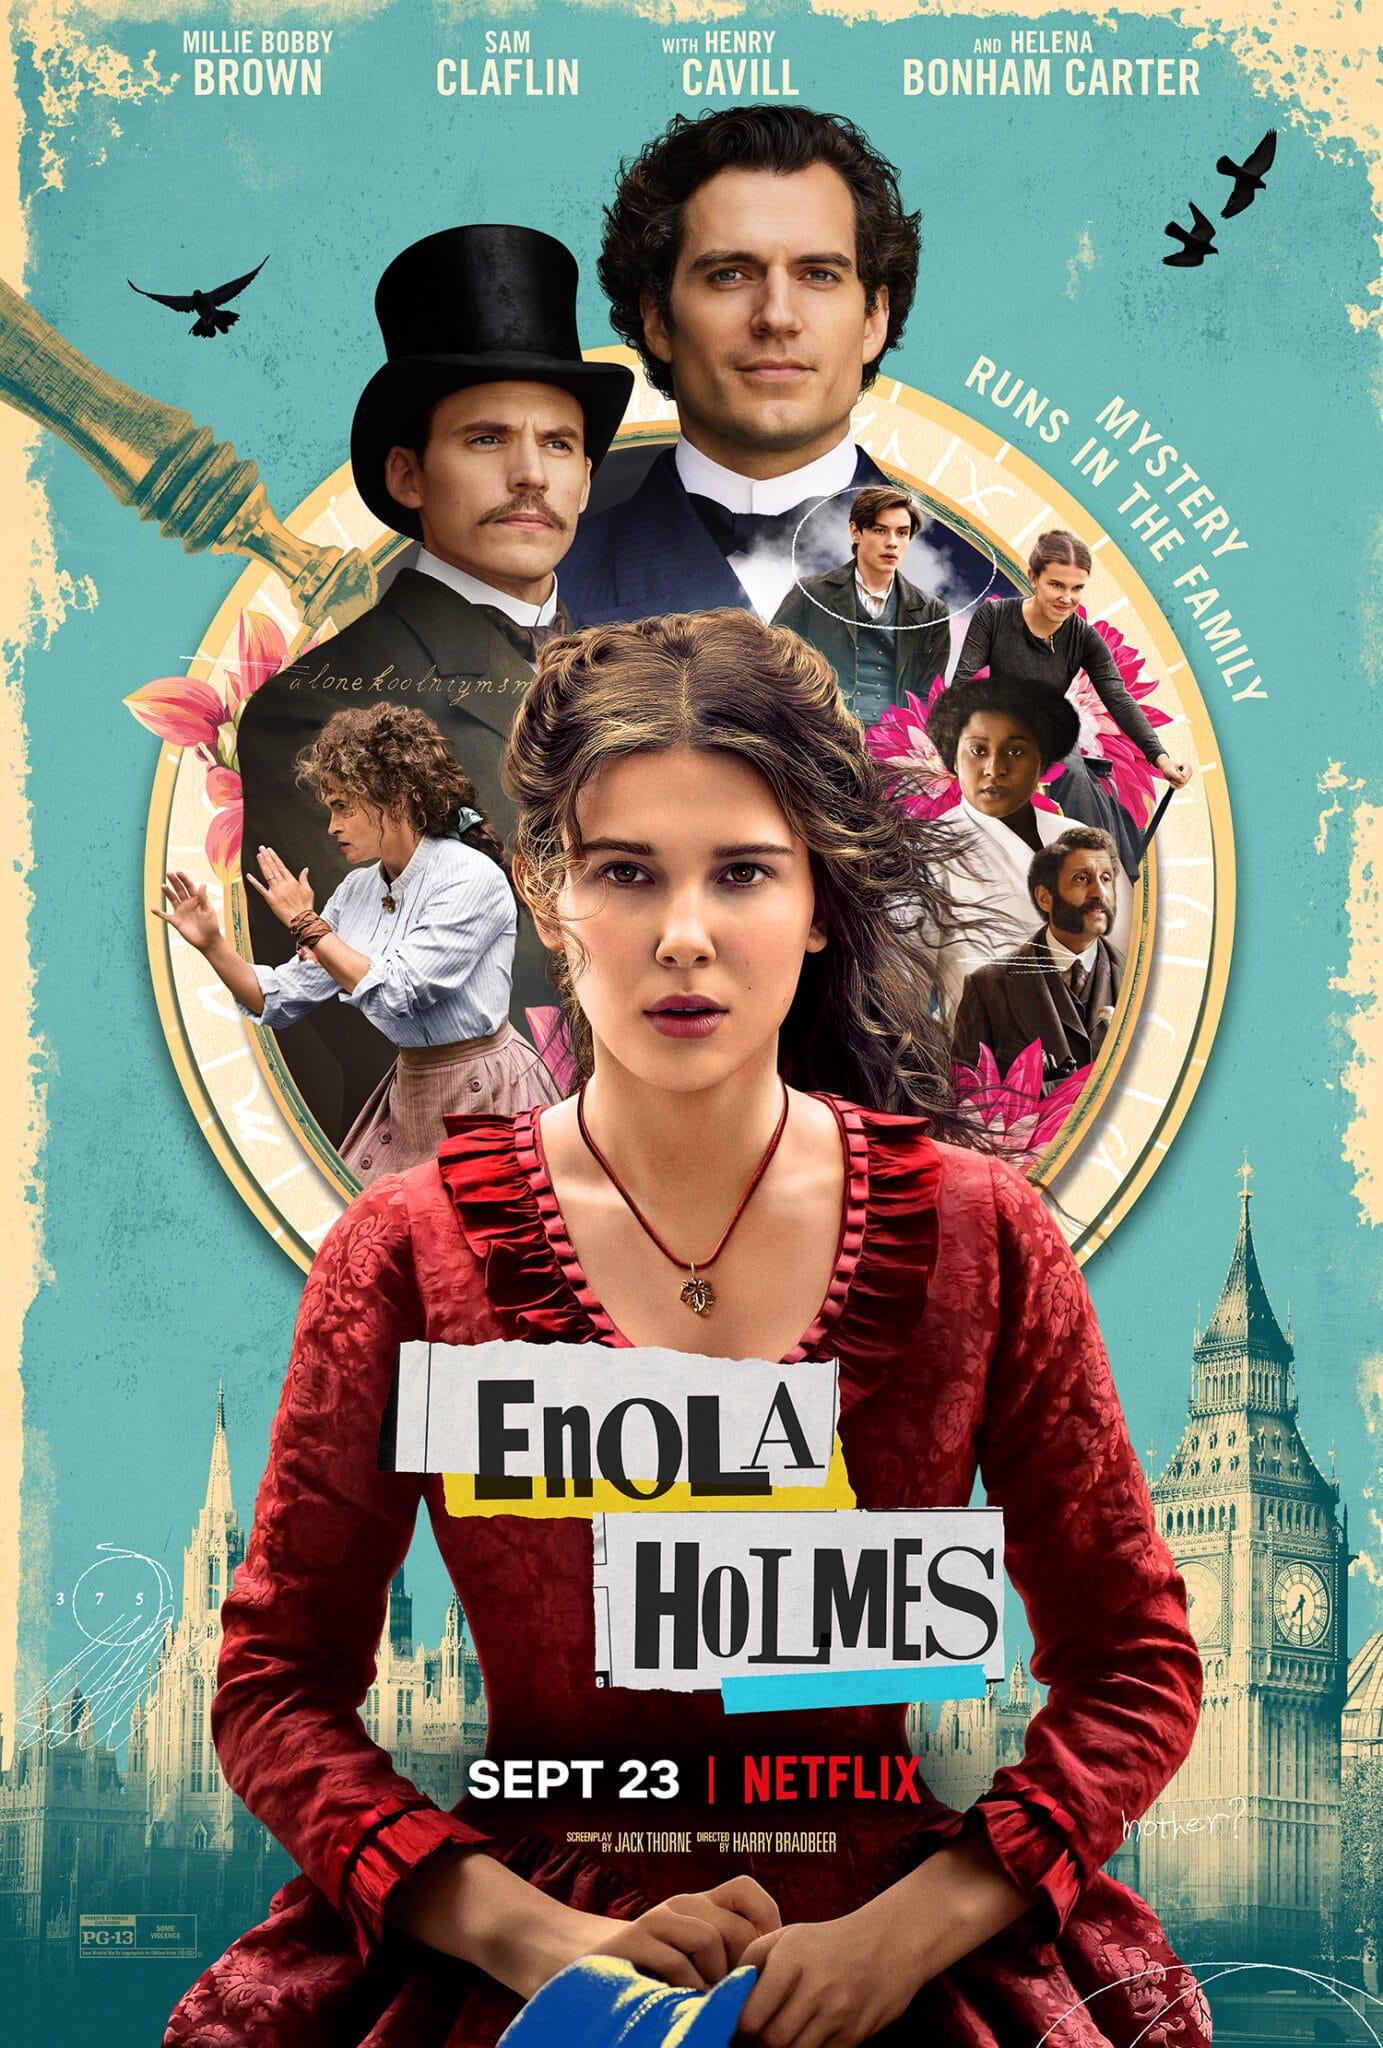 Das Key Art Poster von Enola Holmes zeigt die titelgebende Hauptfigur im Vordergrund, dahinter die weiteren Darsteller und die Kulisse Londons wie den Big Ben